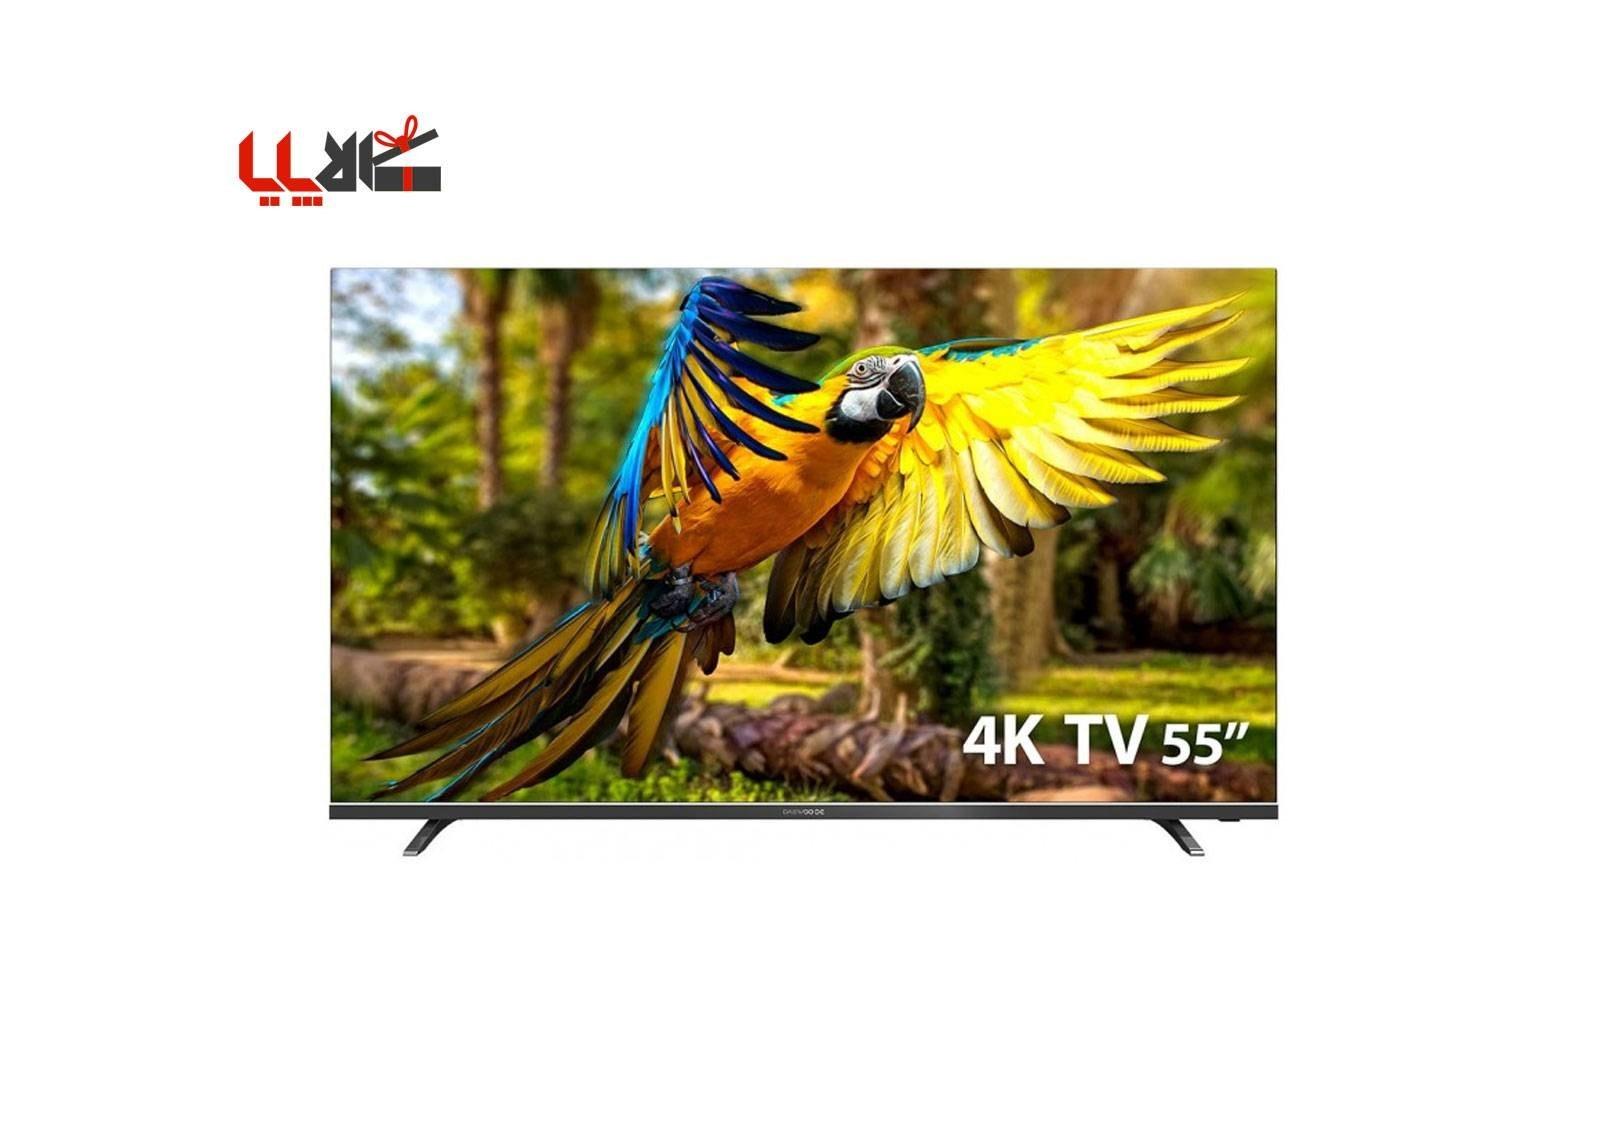 تصویر تلویزیون دوو مدل DLE-55K4300U Daewoo DLE-55K4300U UHD-4K LED TV